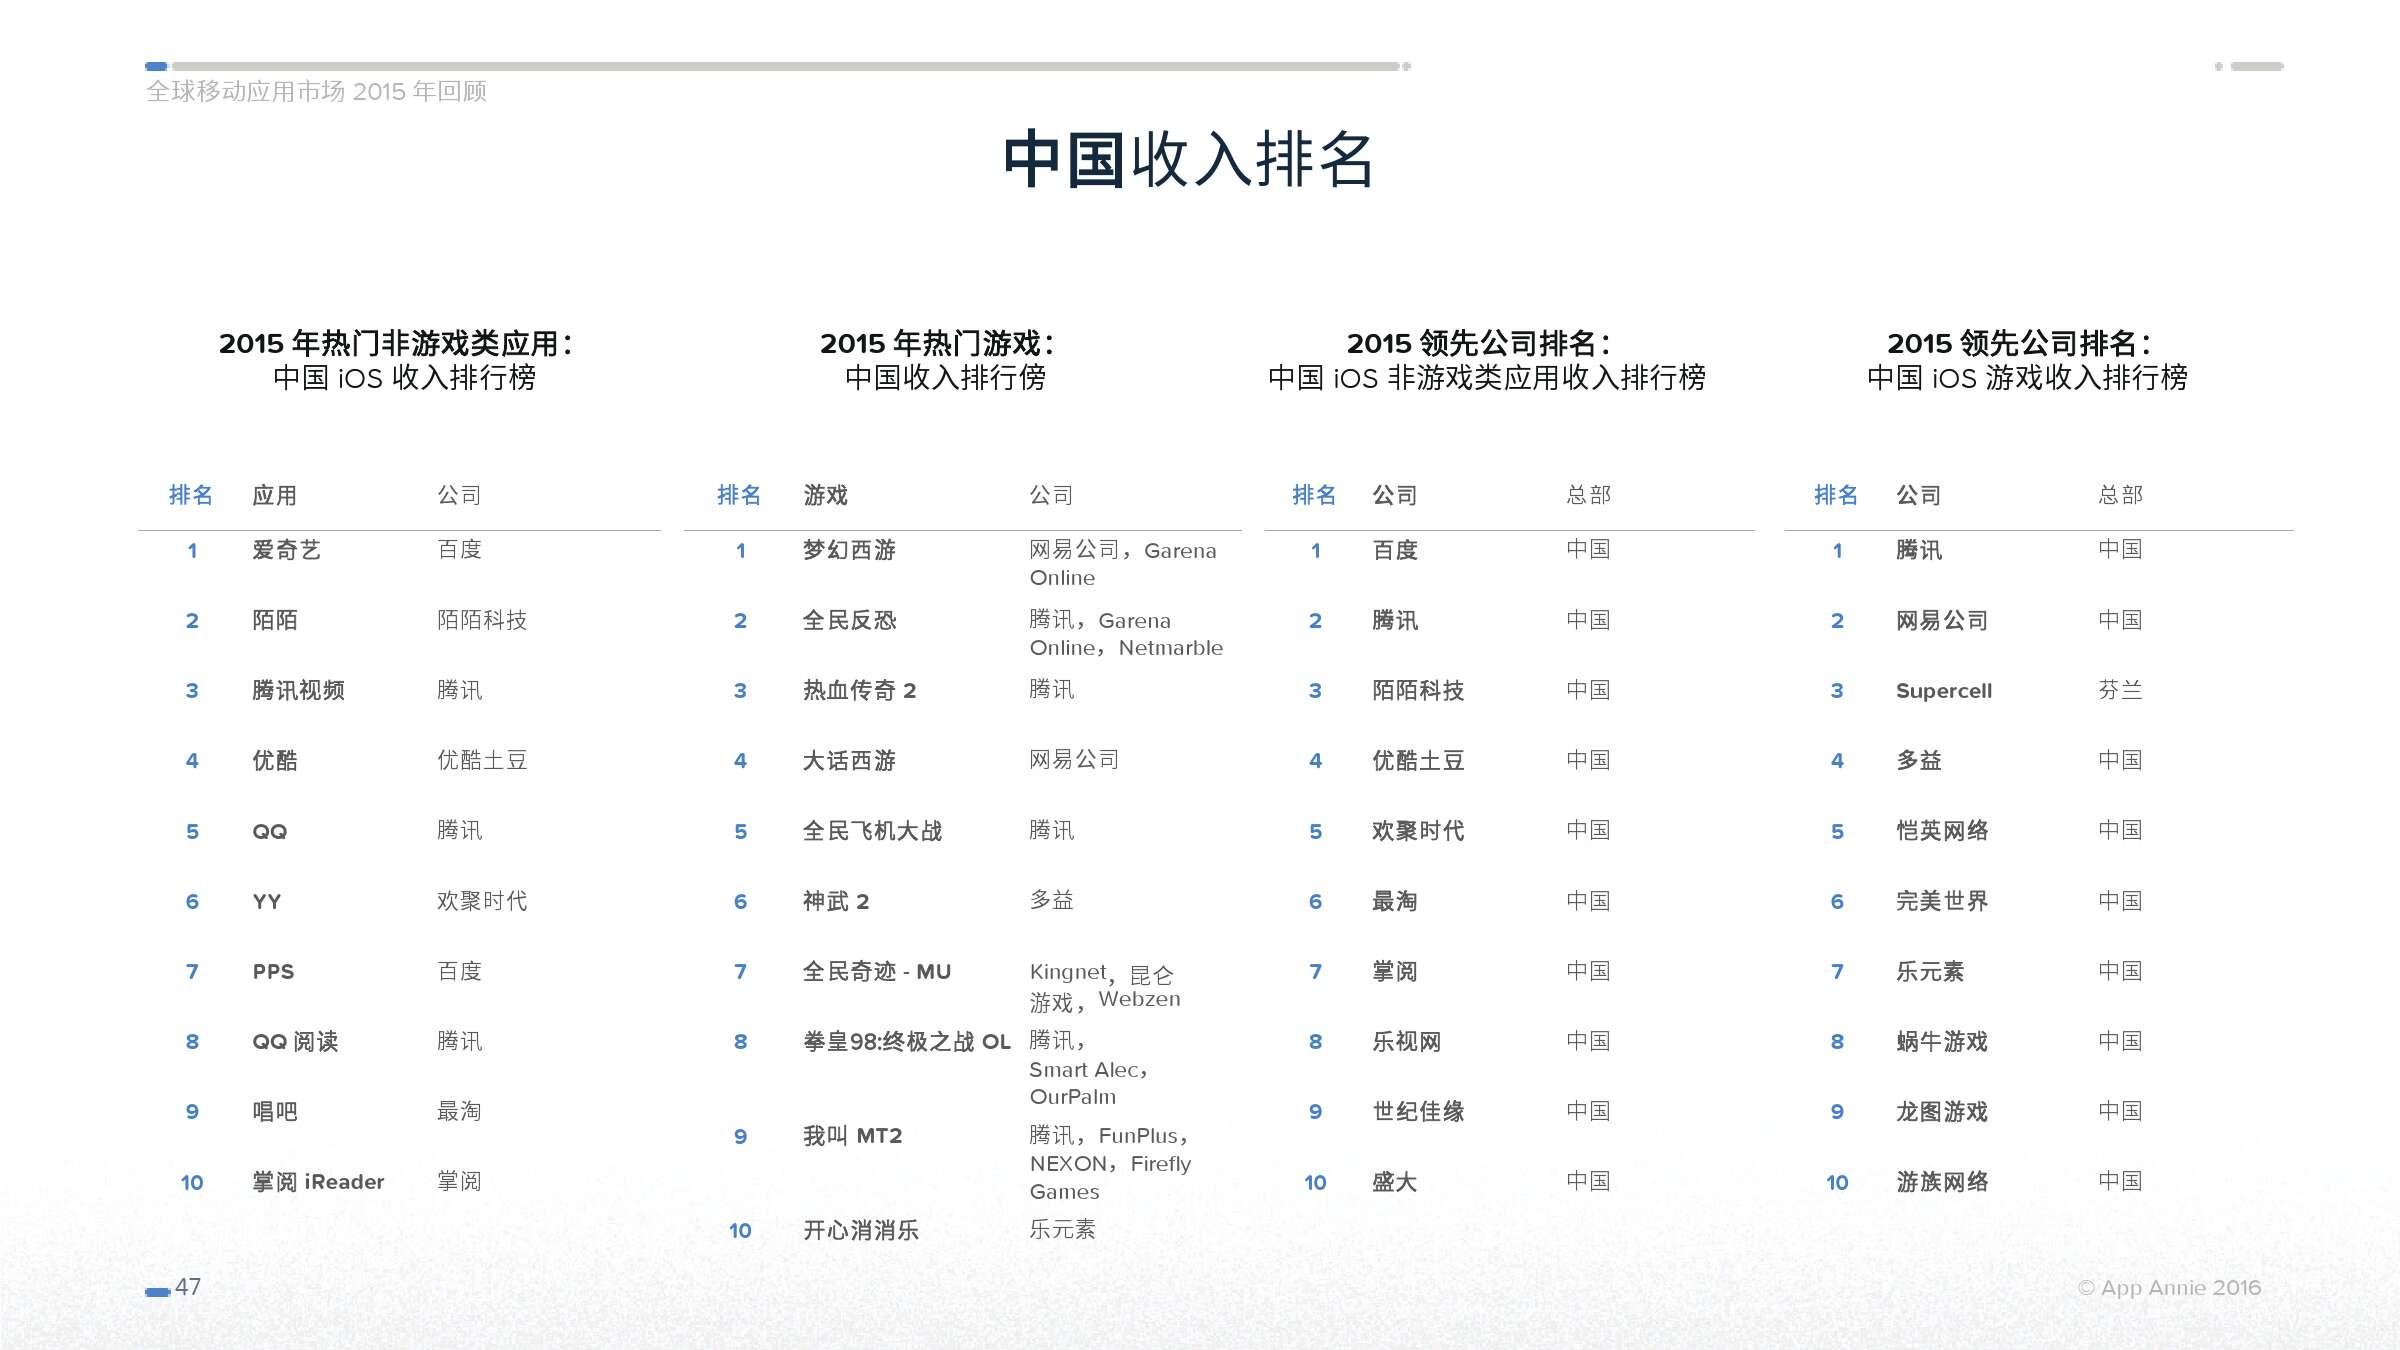 App Annie 全球移动应用市场 2015 年回顾_000047